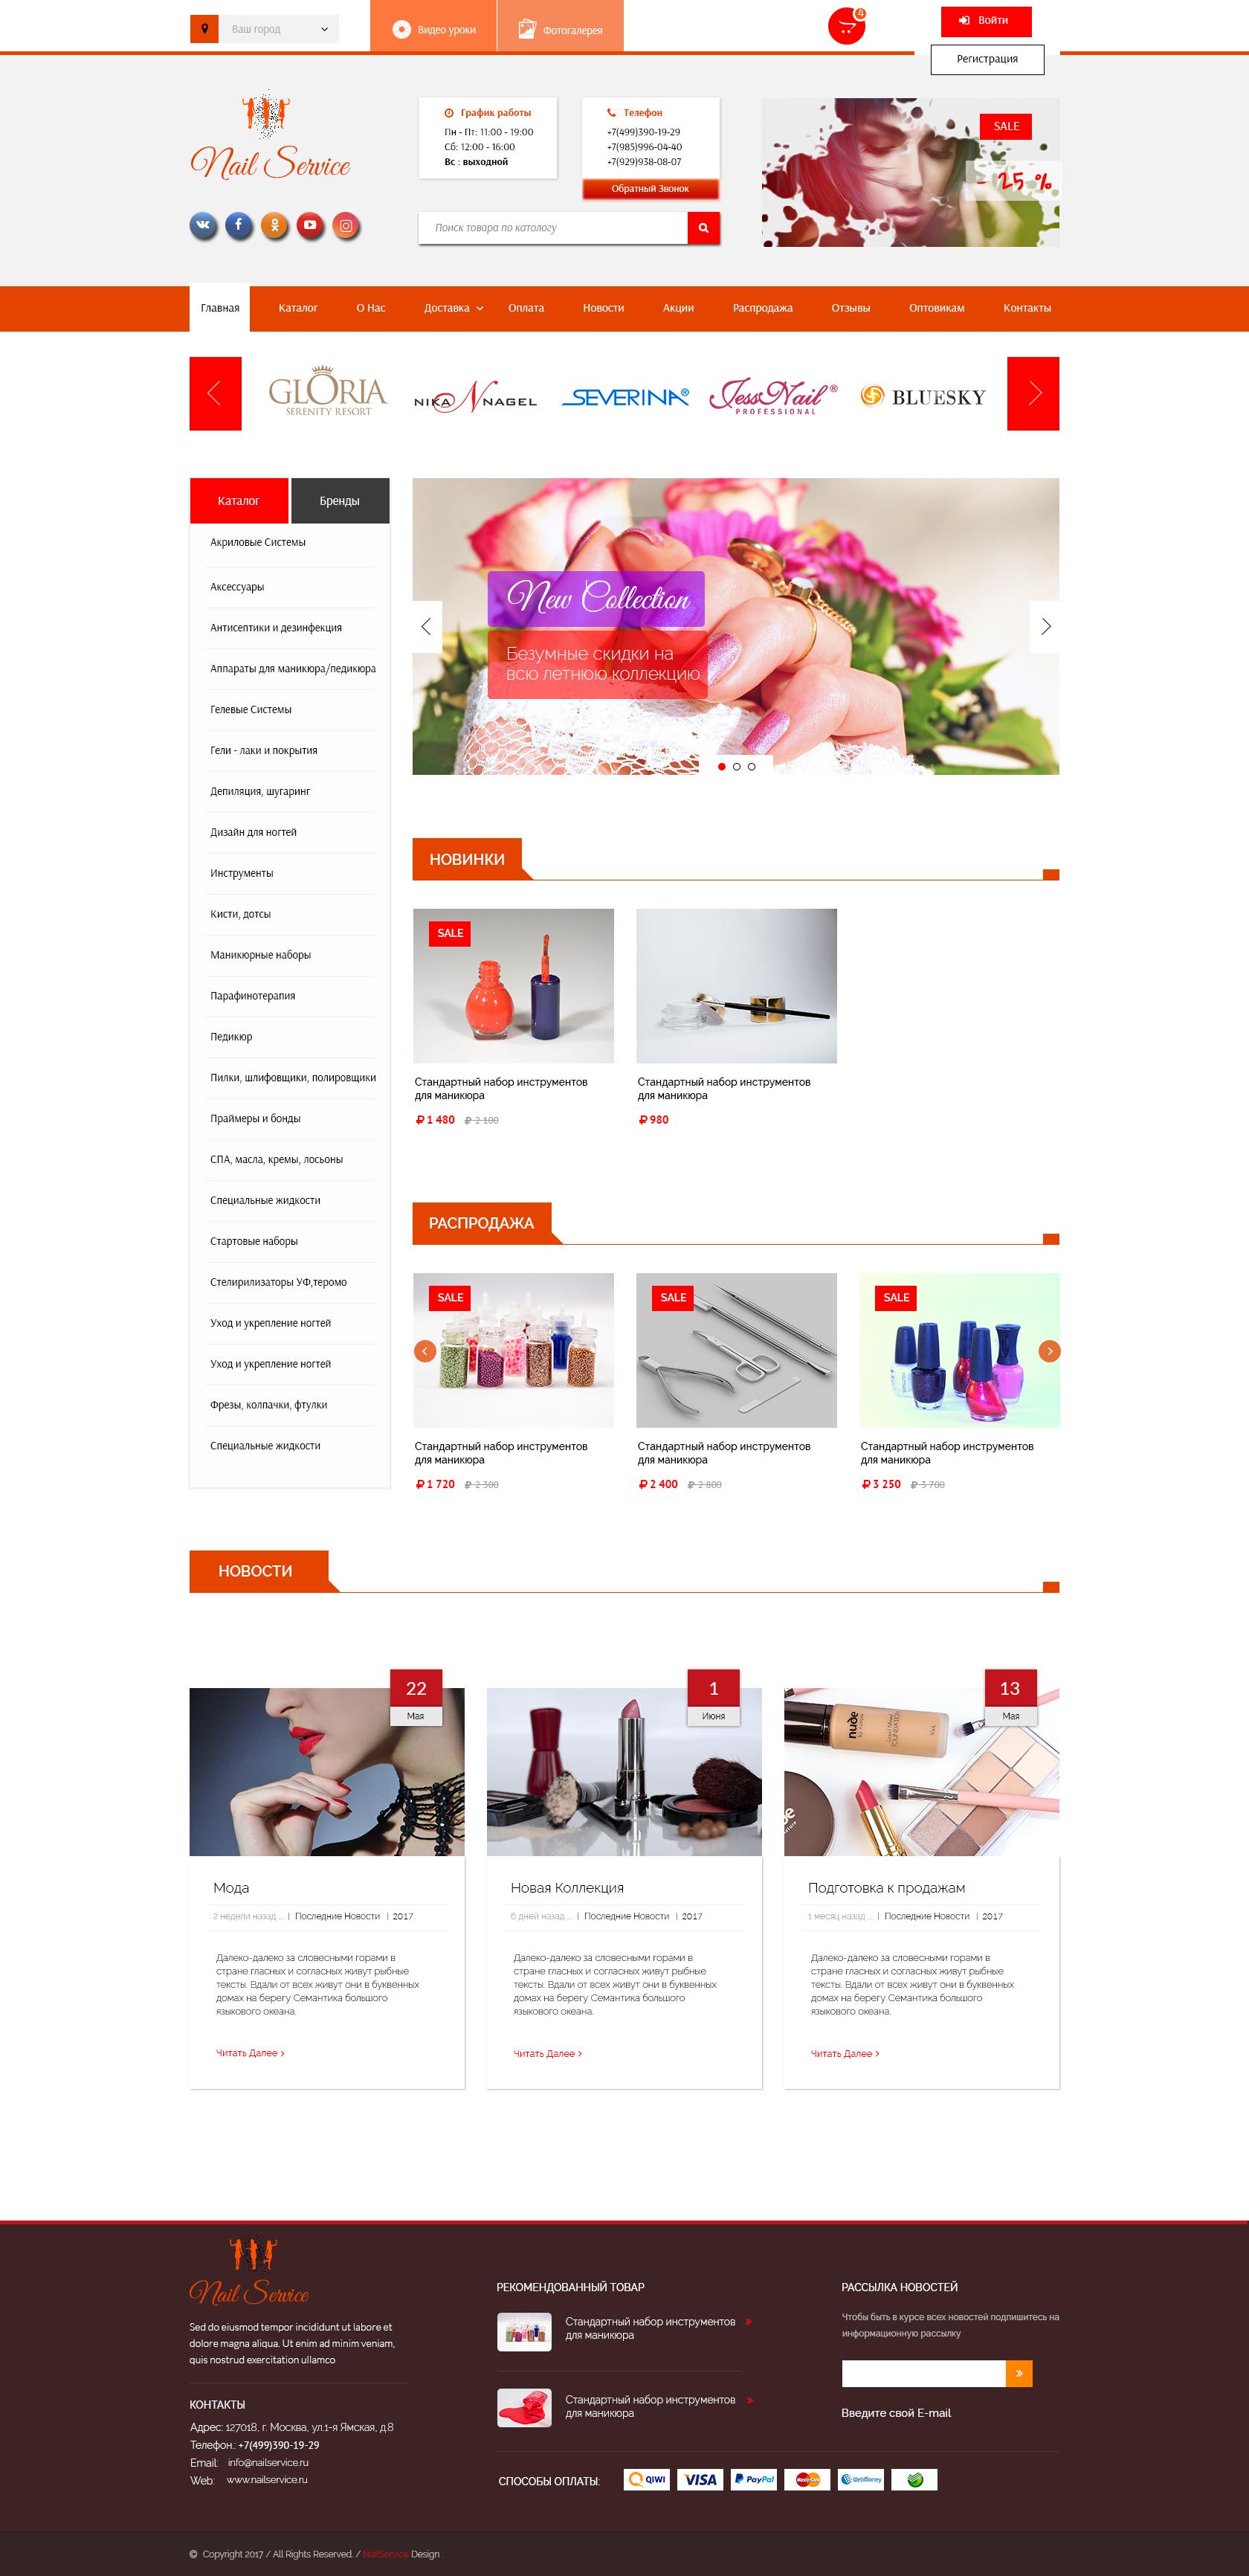 Разработка дизайна главной страницы сайта интернет-магазина фото f_9865950f7f3b88b3.jpg